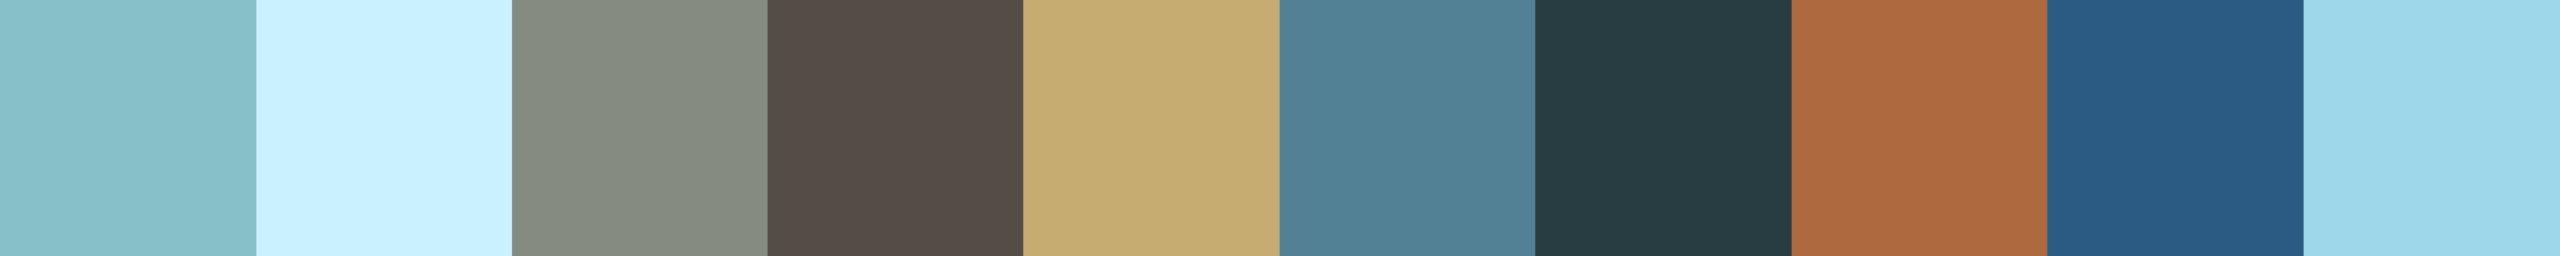 638 Insitela Color Palette